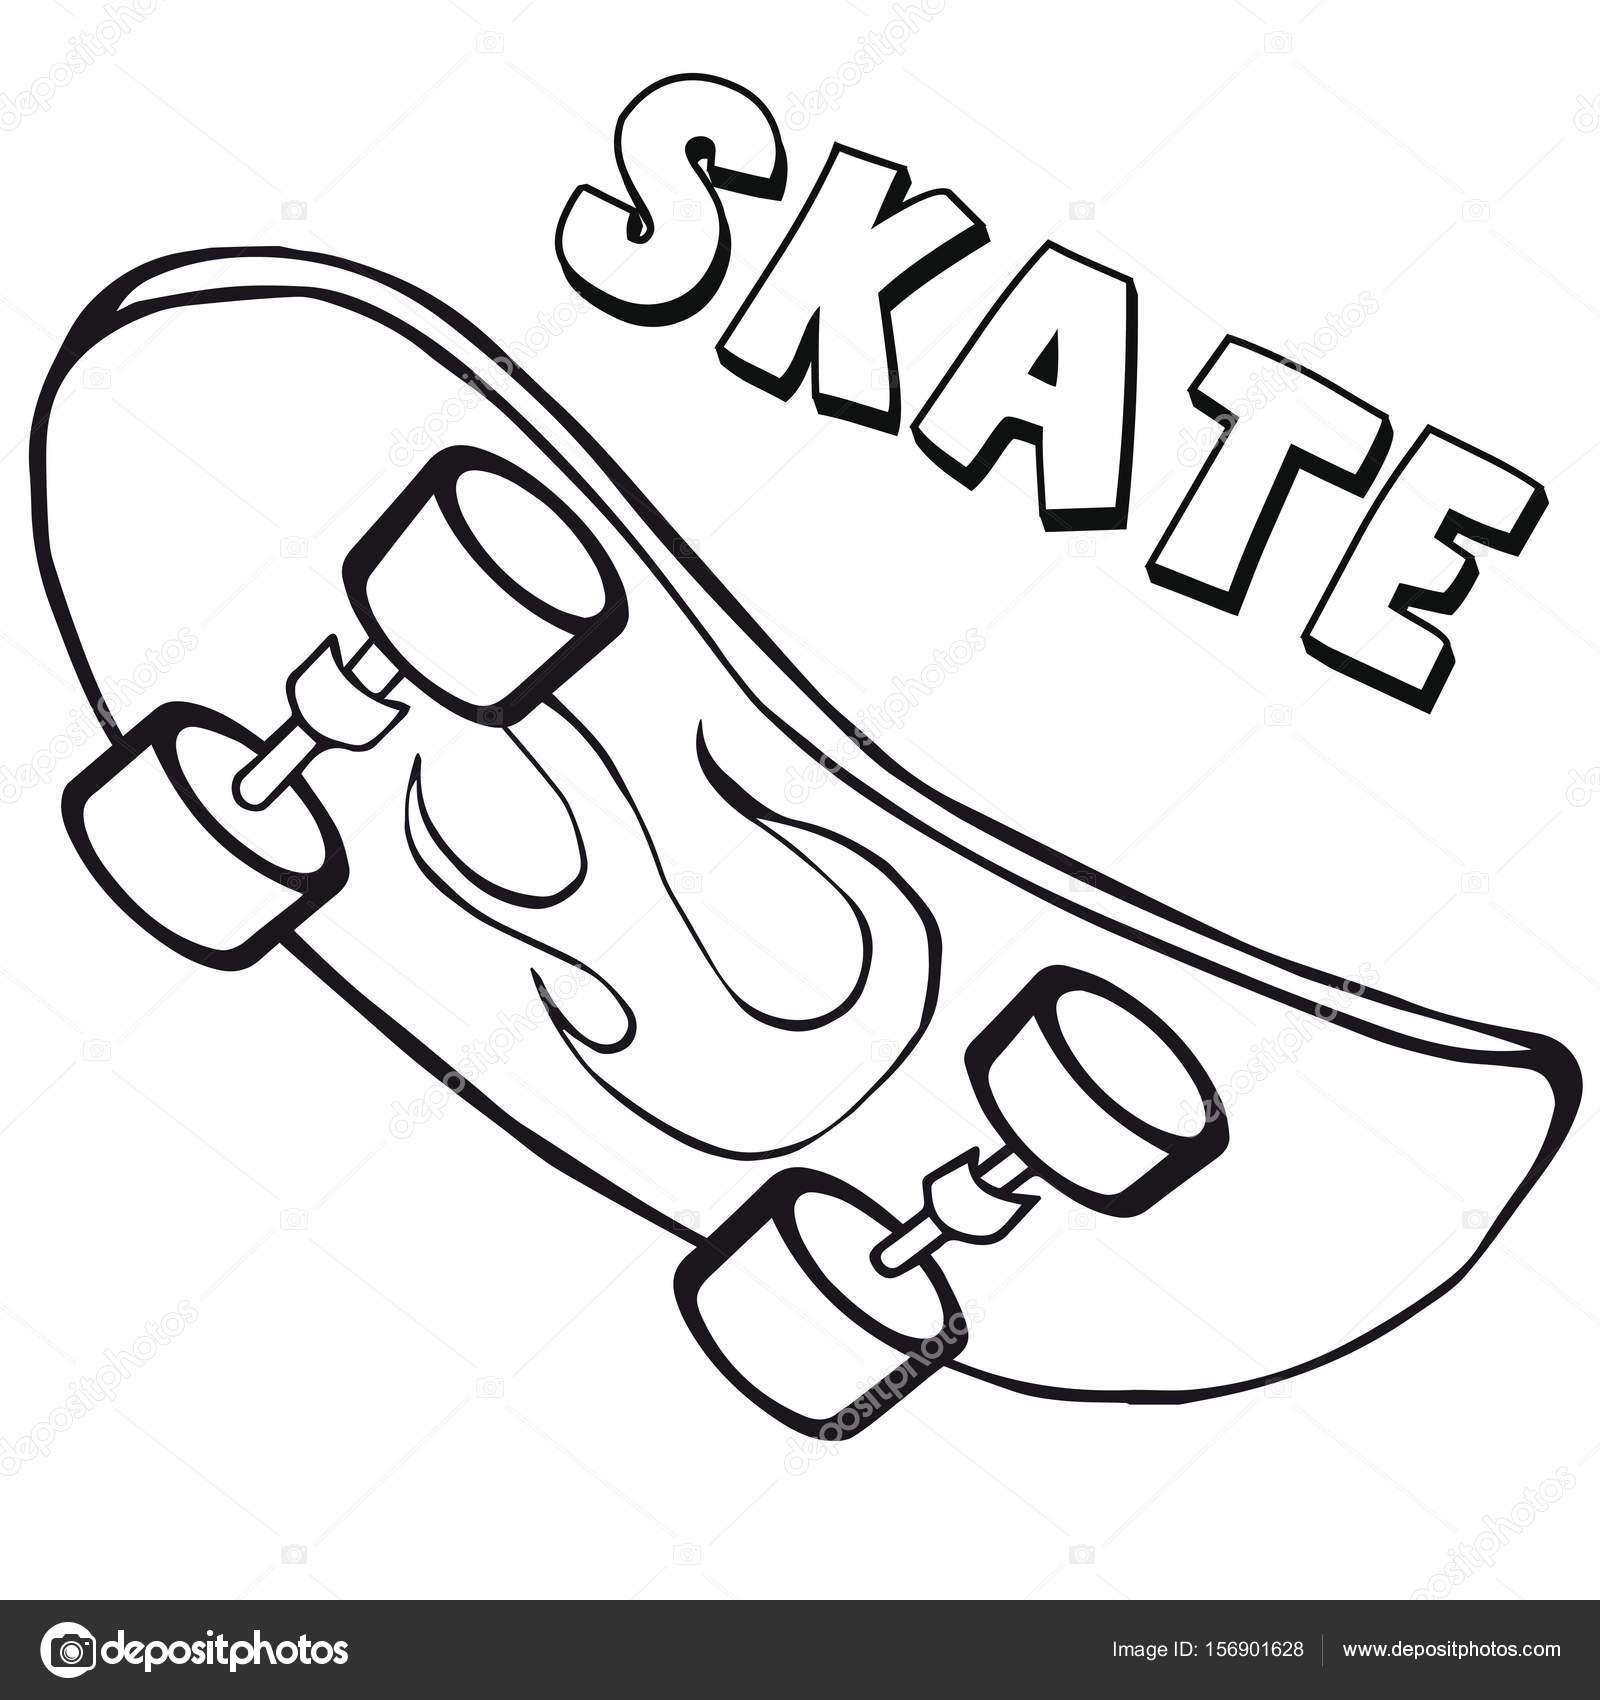 Coloring Book Skateboard. Cartoon-Stil. ClipArt für Kinder ...